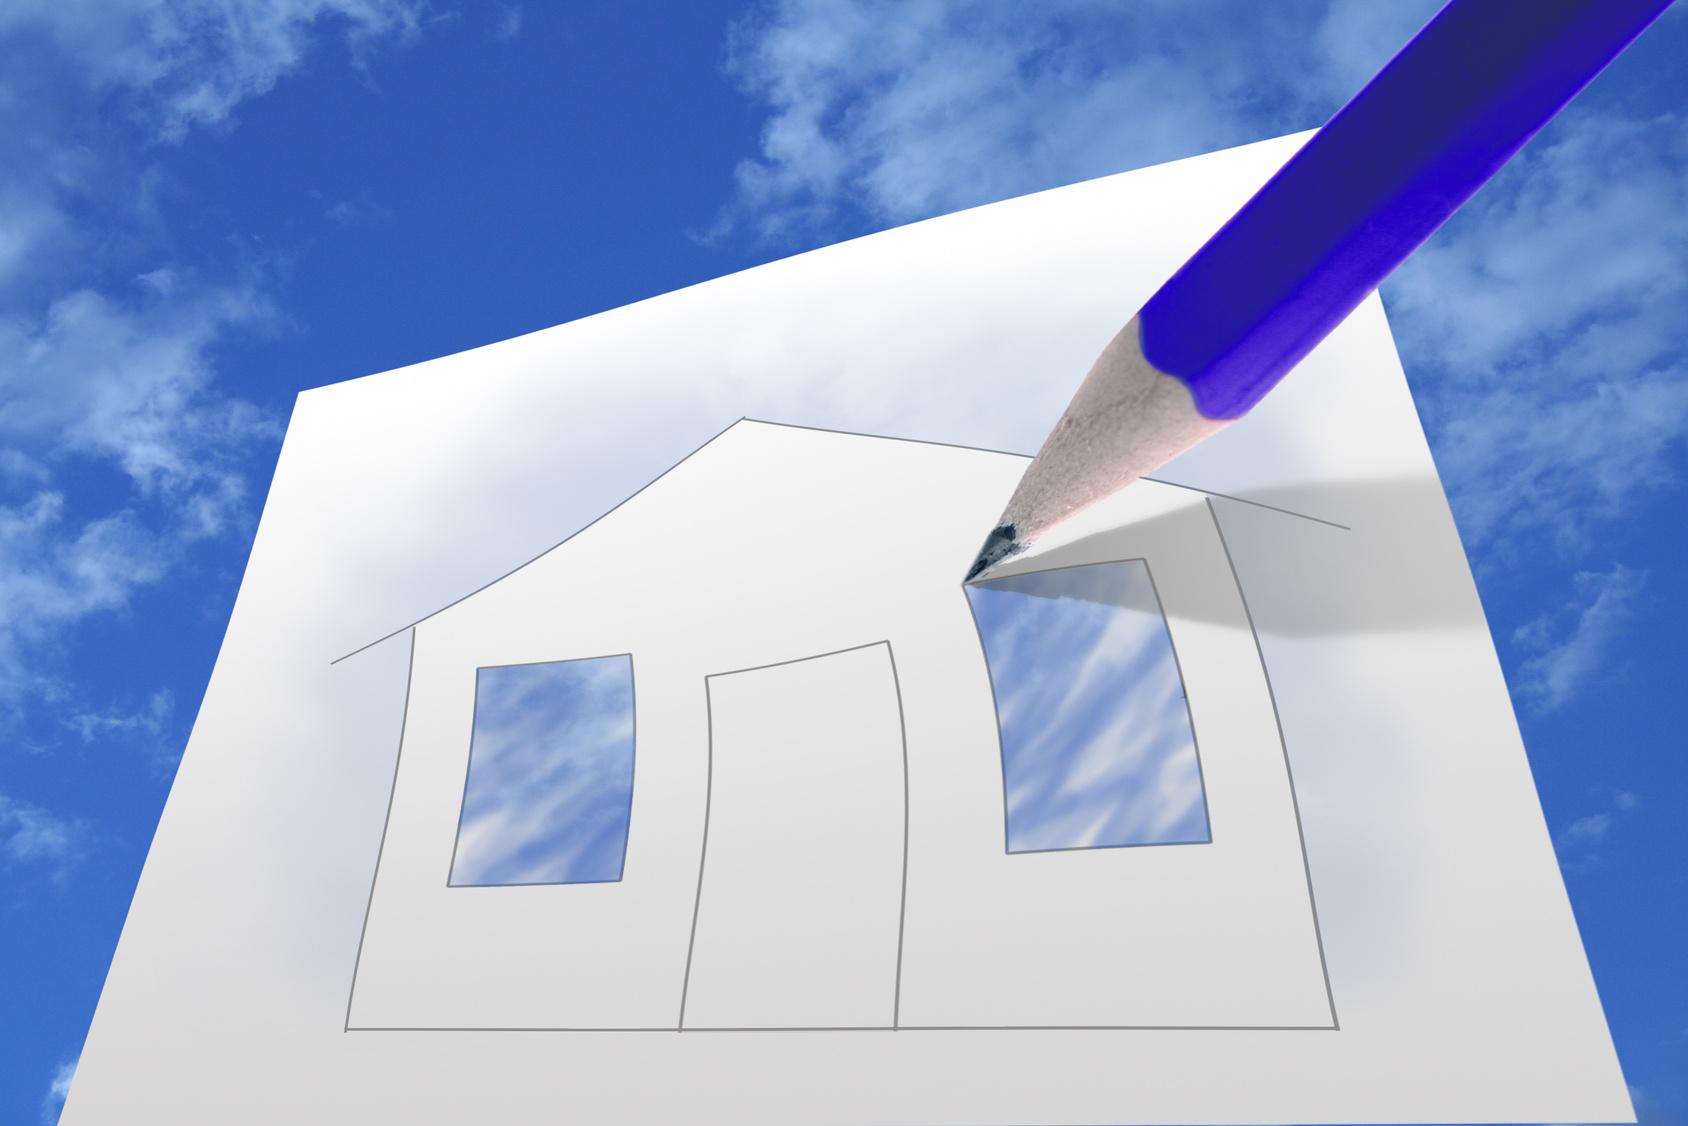 infiltrometrie - Procédures pour faire une maison BBC